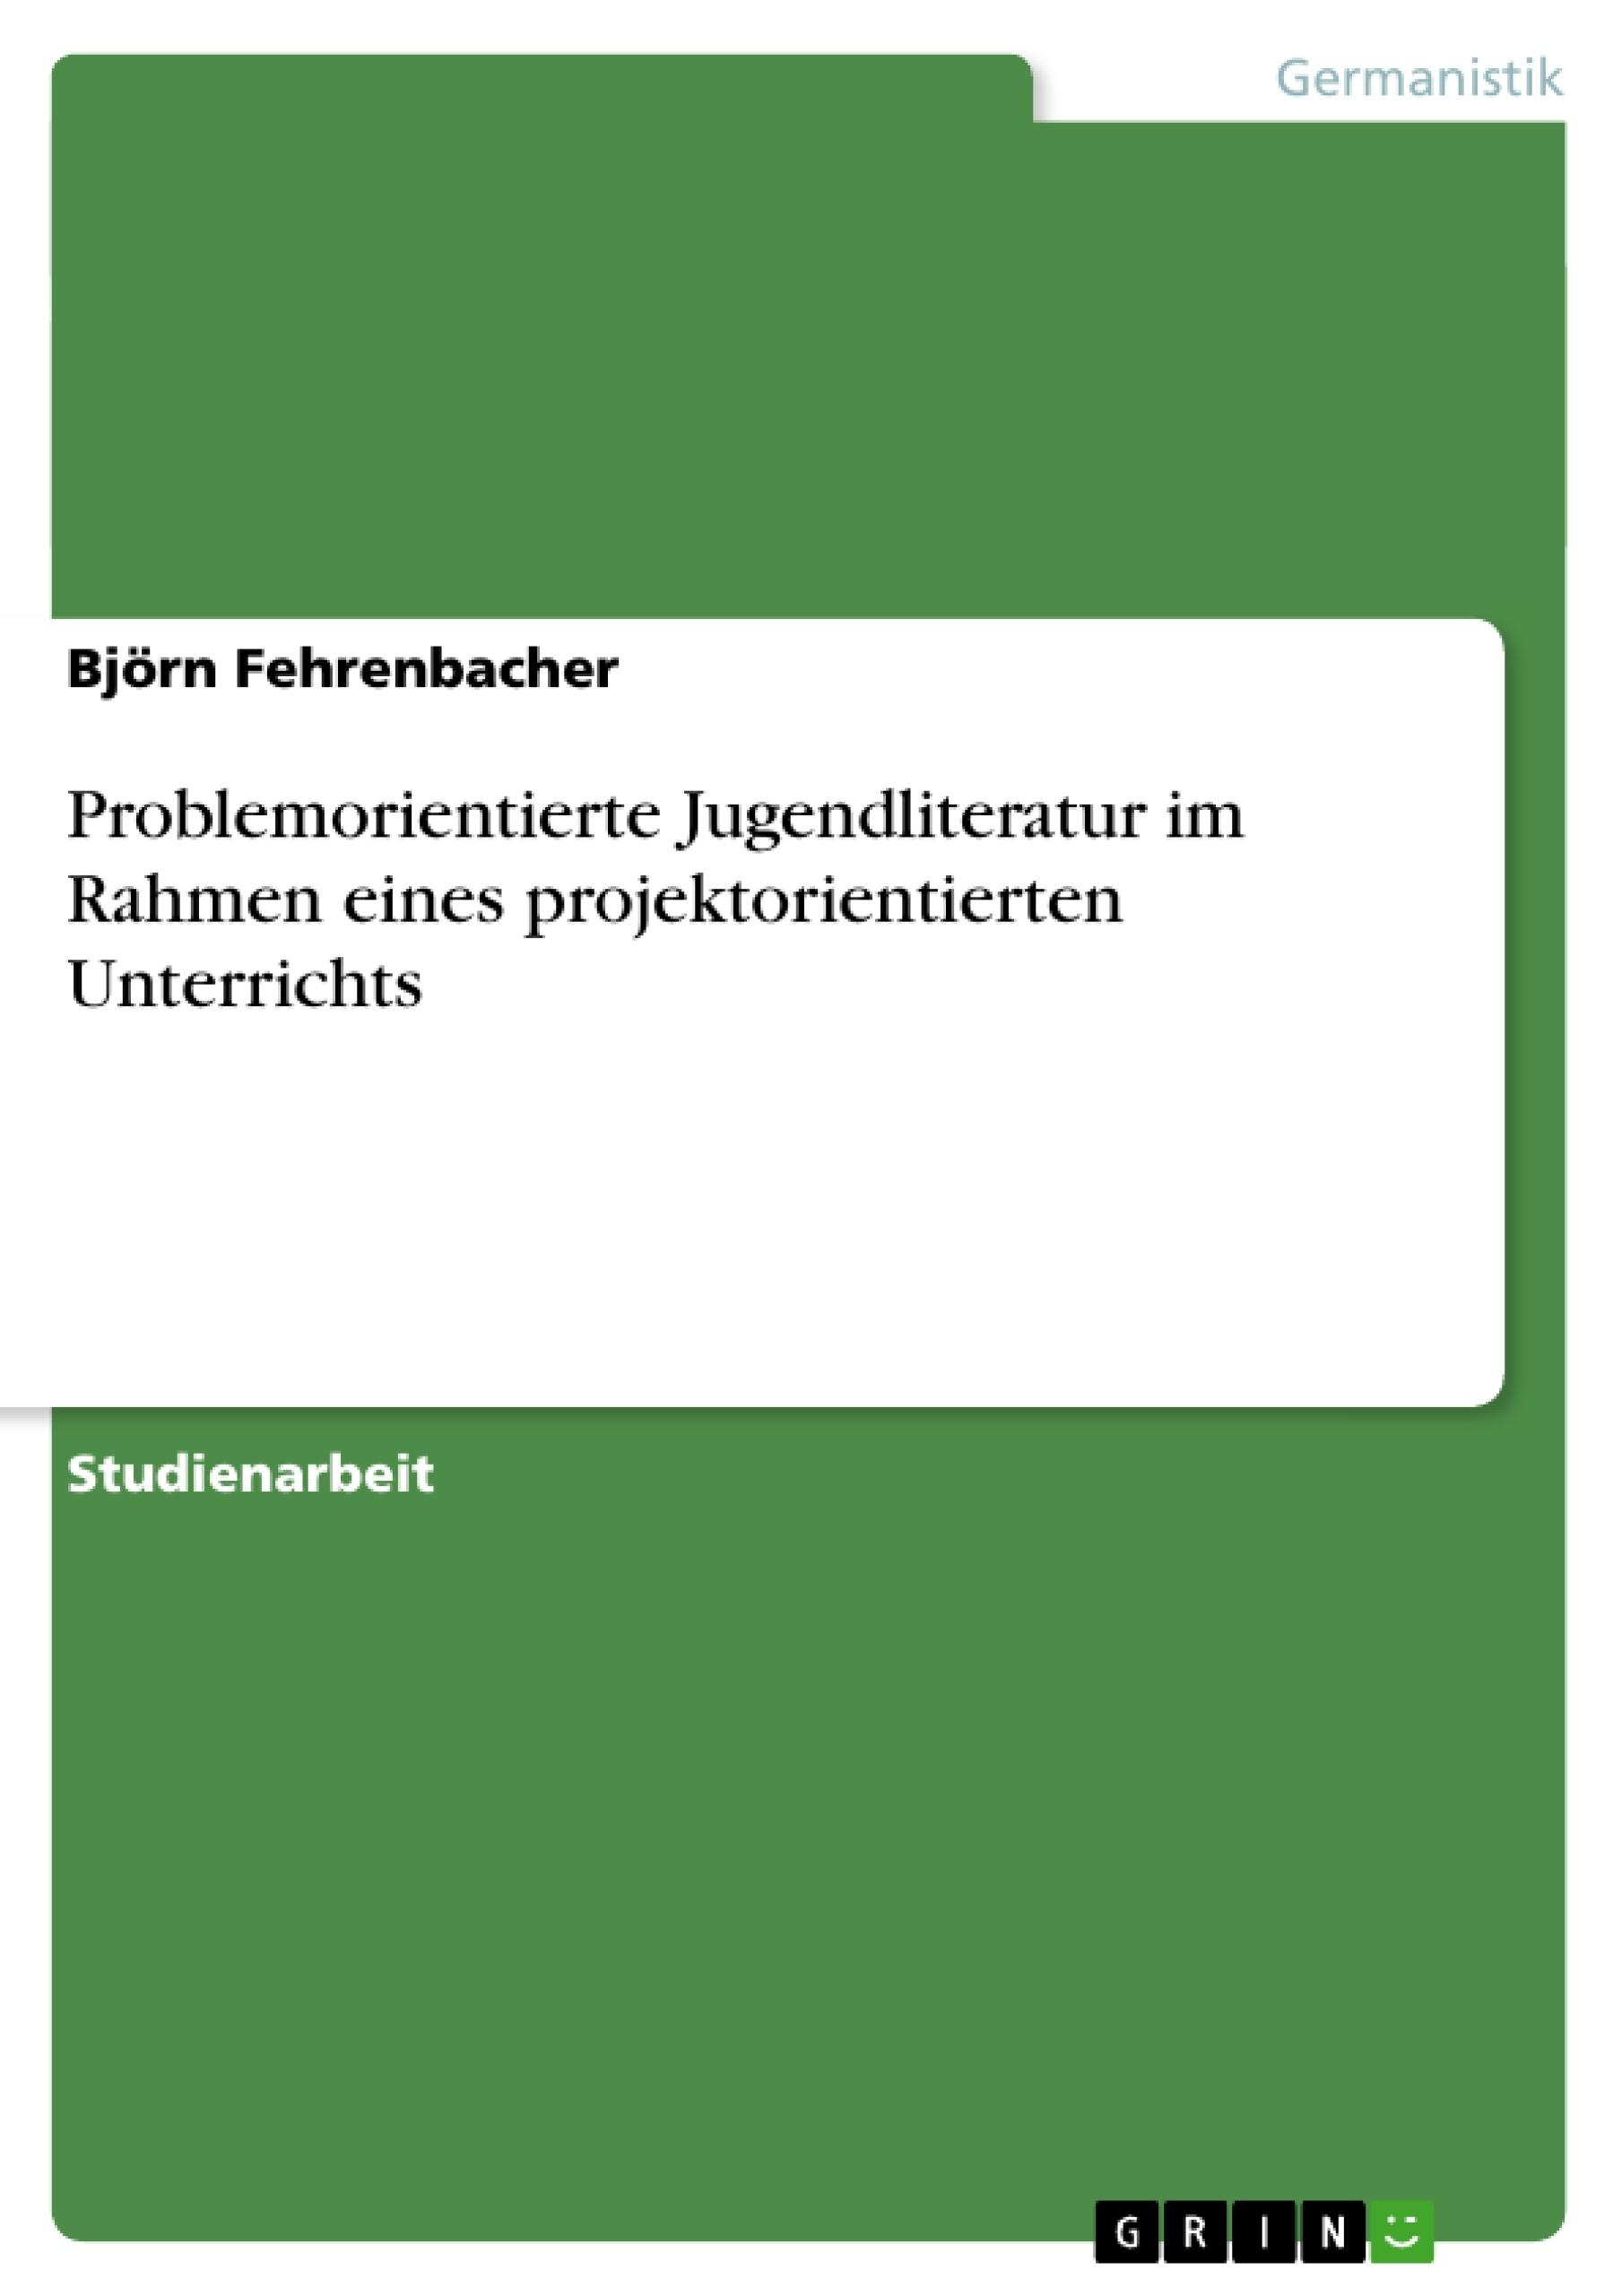 Titel: Problemorientierte Jugendliteratur im Rahmen eines projektorientierten Unterrichts